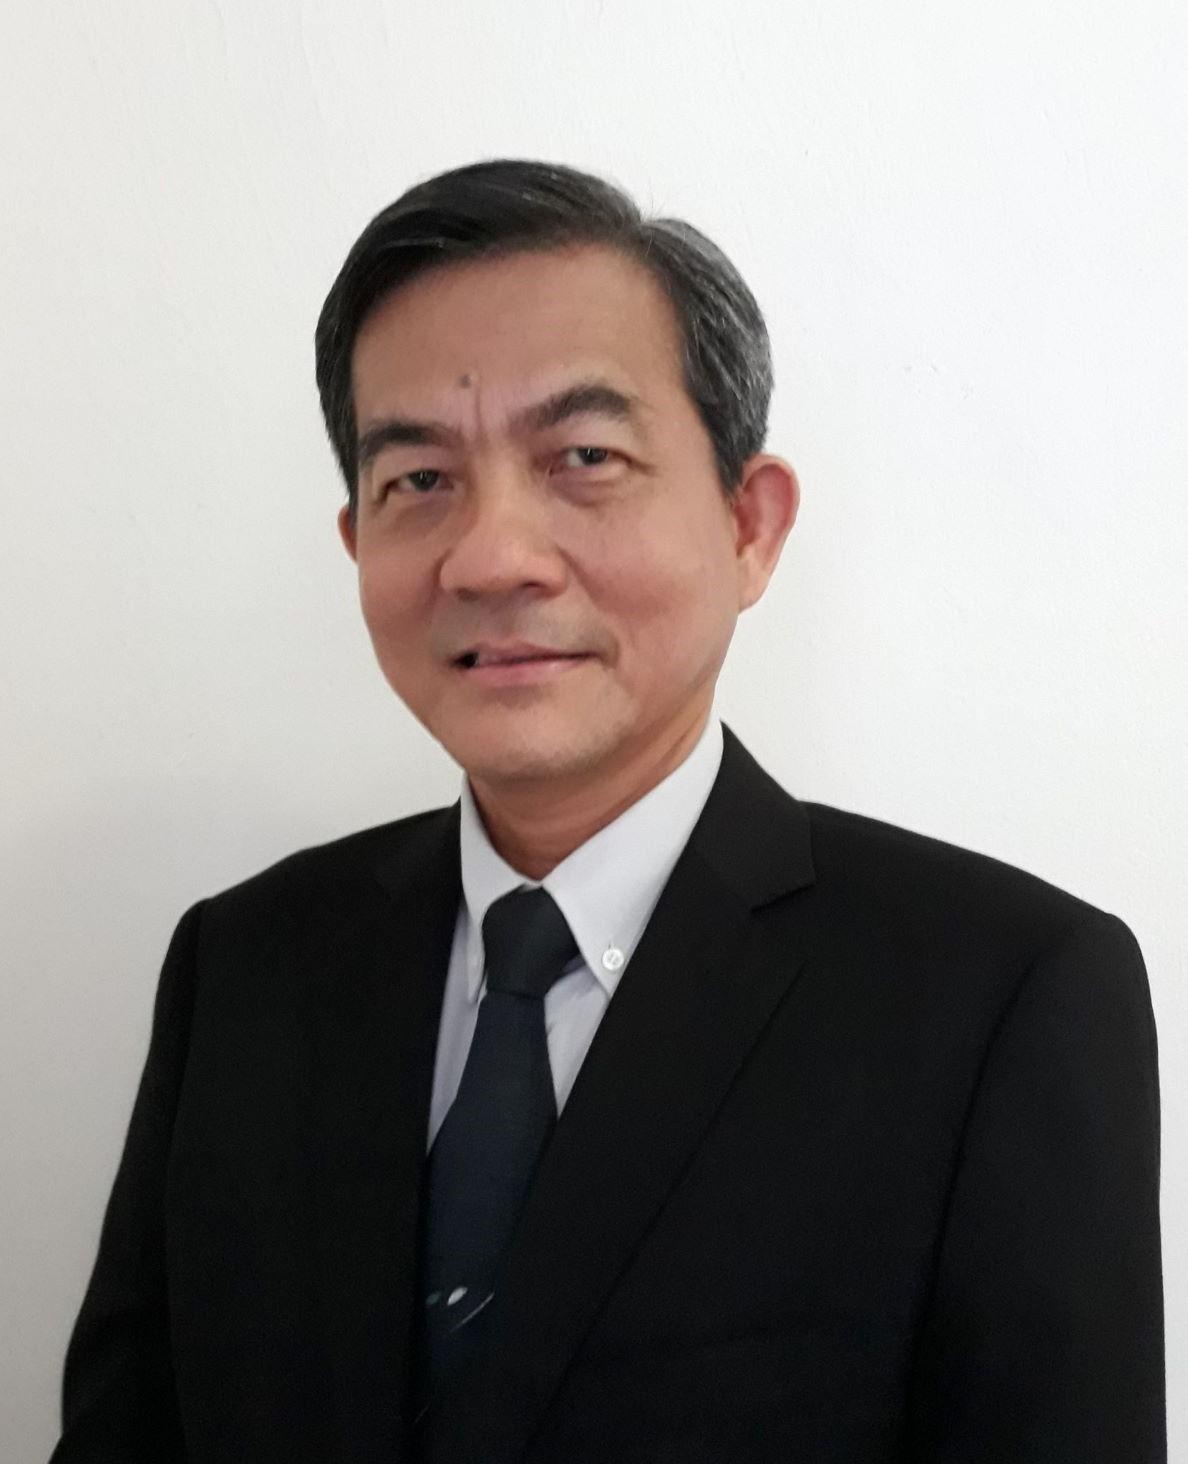 HIEU SENG OOI